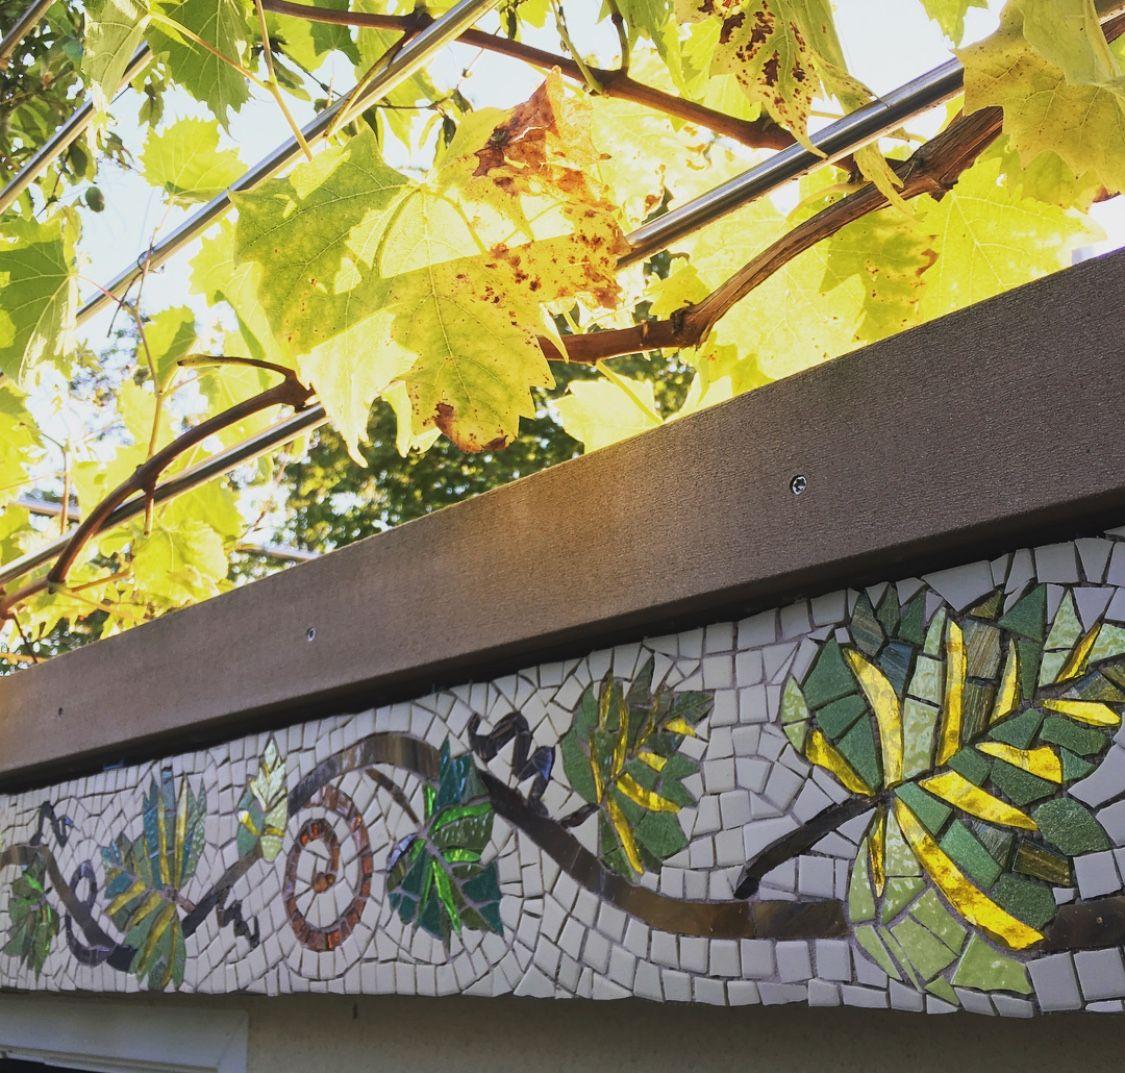 Pin by Charlotte Grace on mosaic wall art | Pinterest | Mosaics ...